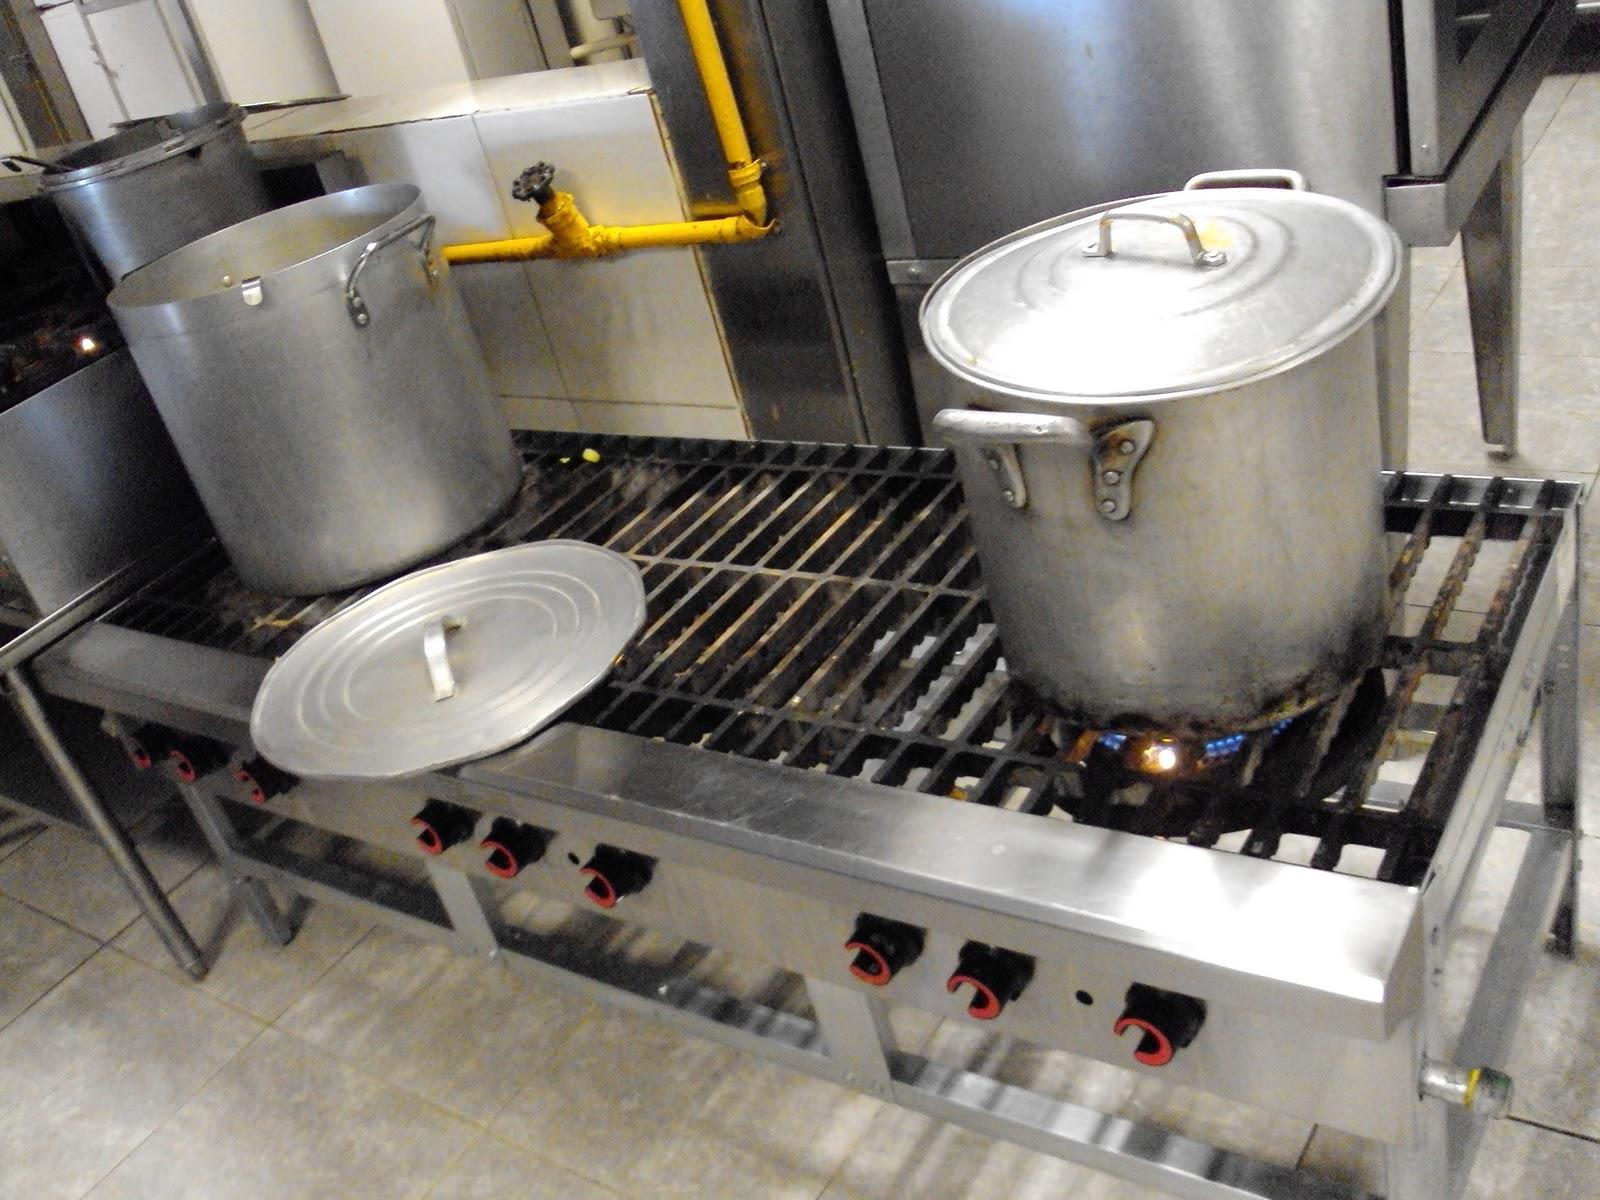 Pr ctica de comedores industriales for Mision de un comedor industrial